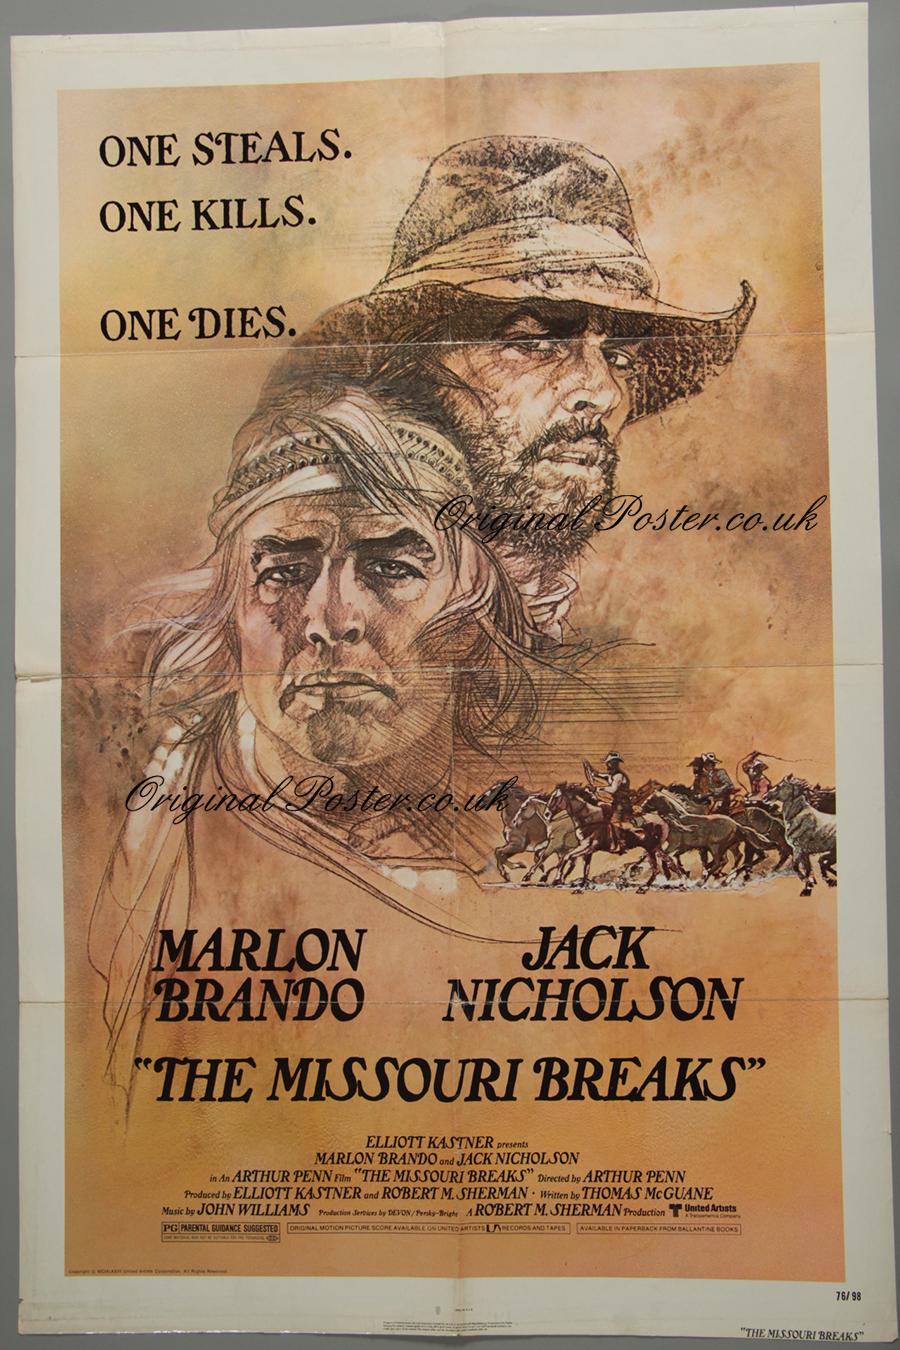 The Missouri Breaks, Original Vintage Film Poster  Original Poster -  vintage film and movie posters